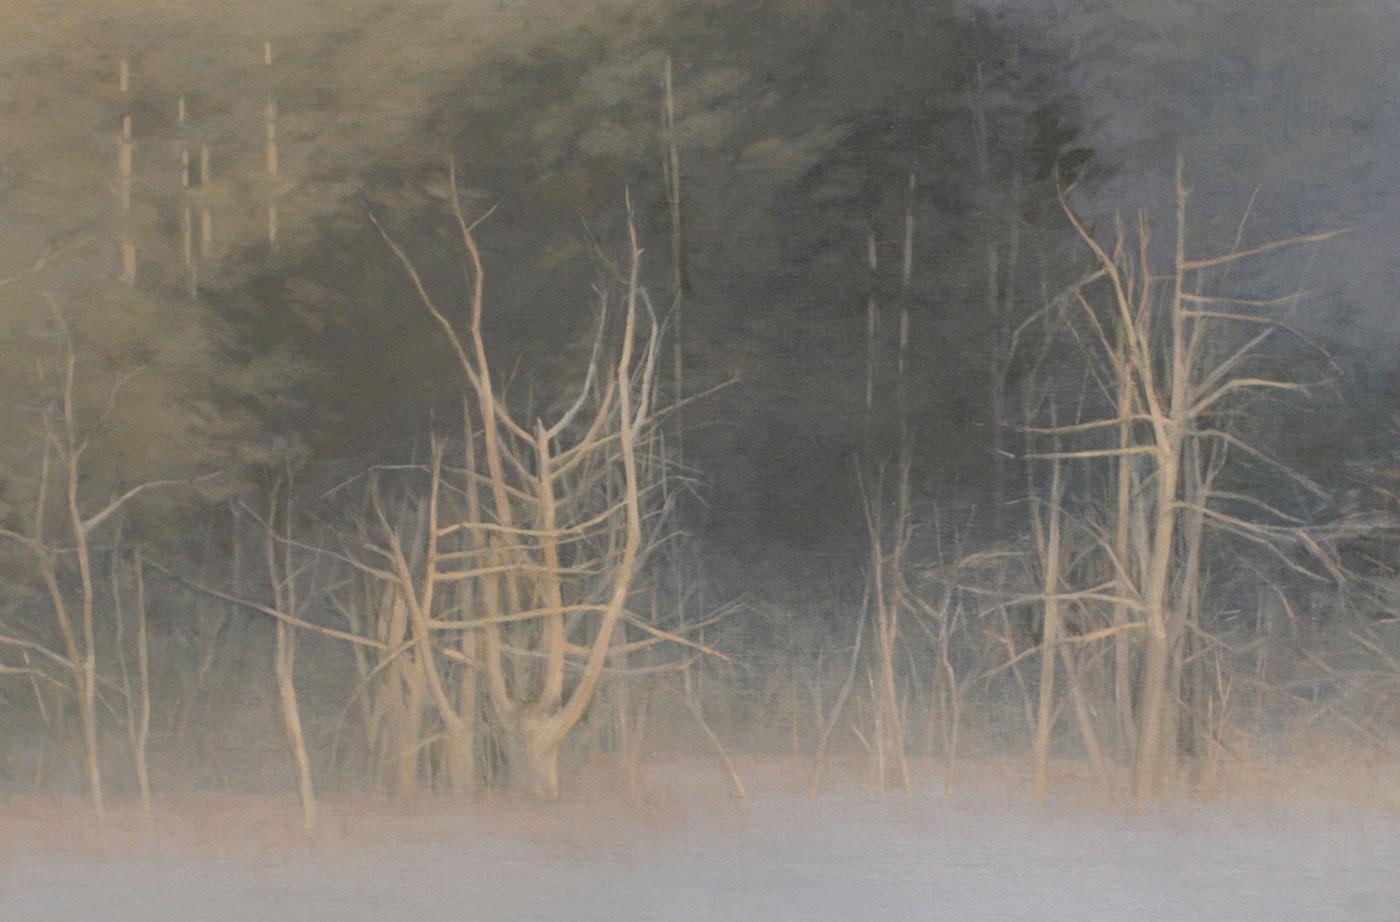 Shrouded Mist